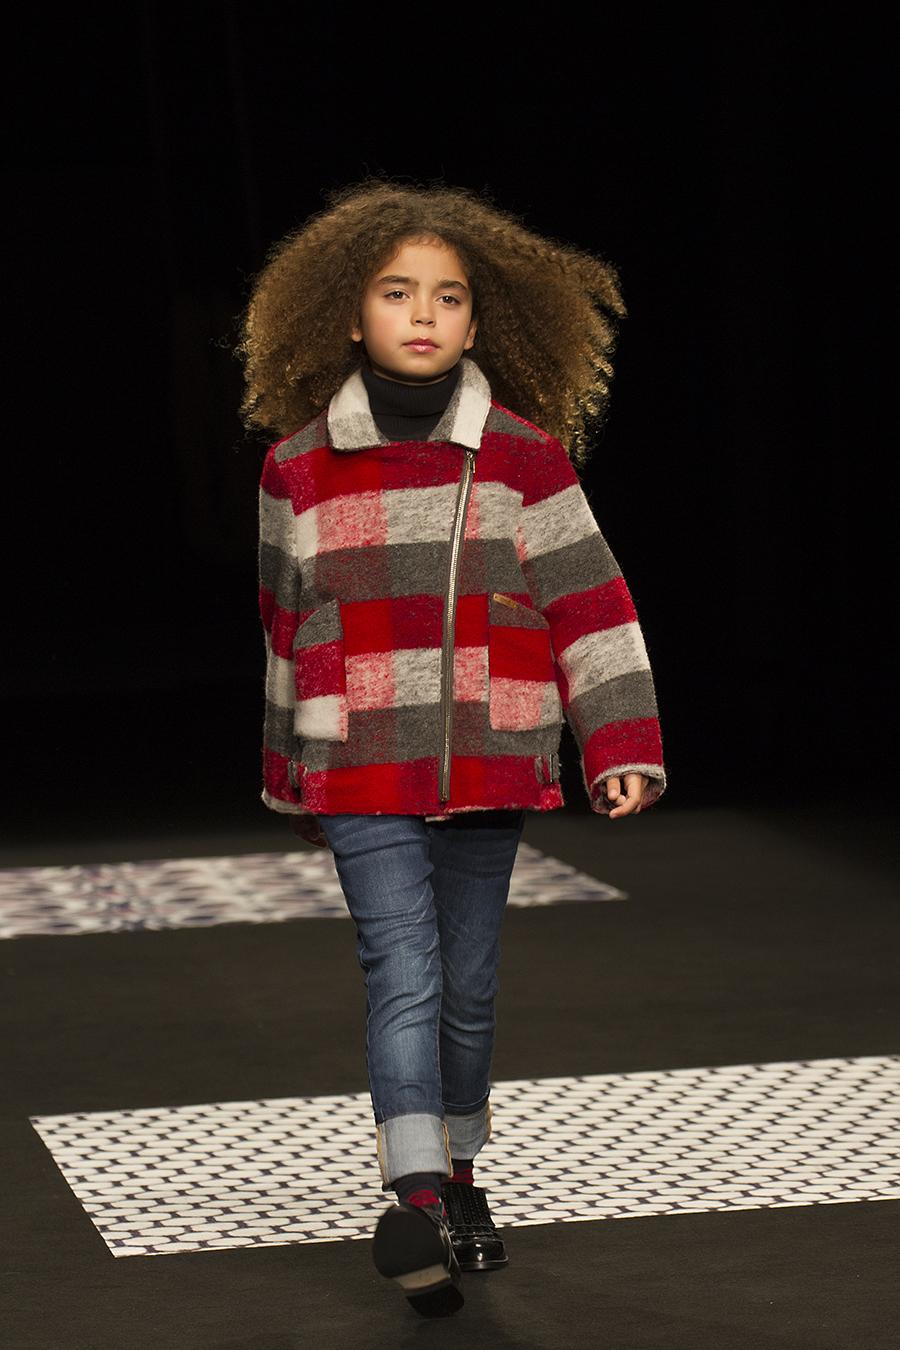 agus albiol fotografia fotografa de moda desfile 080 bnafashion condor moda infantil fotografa de niños